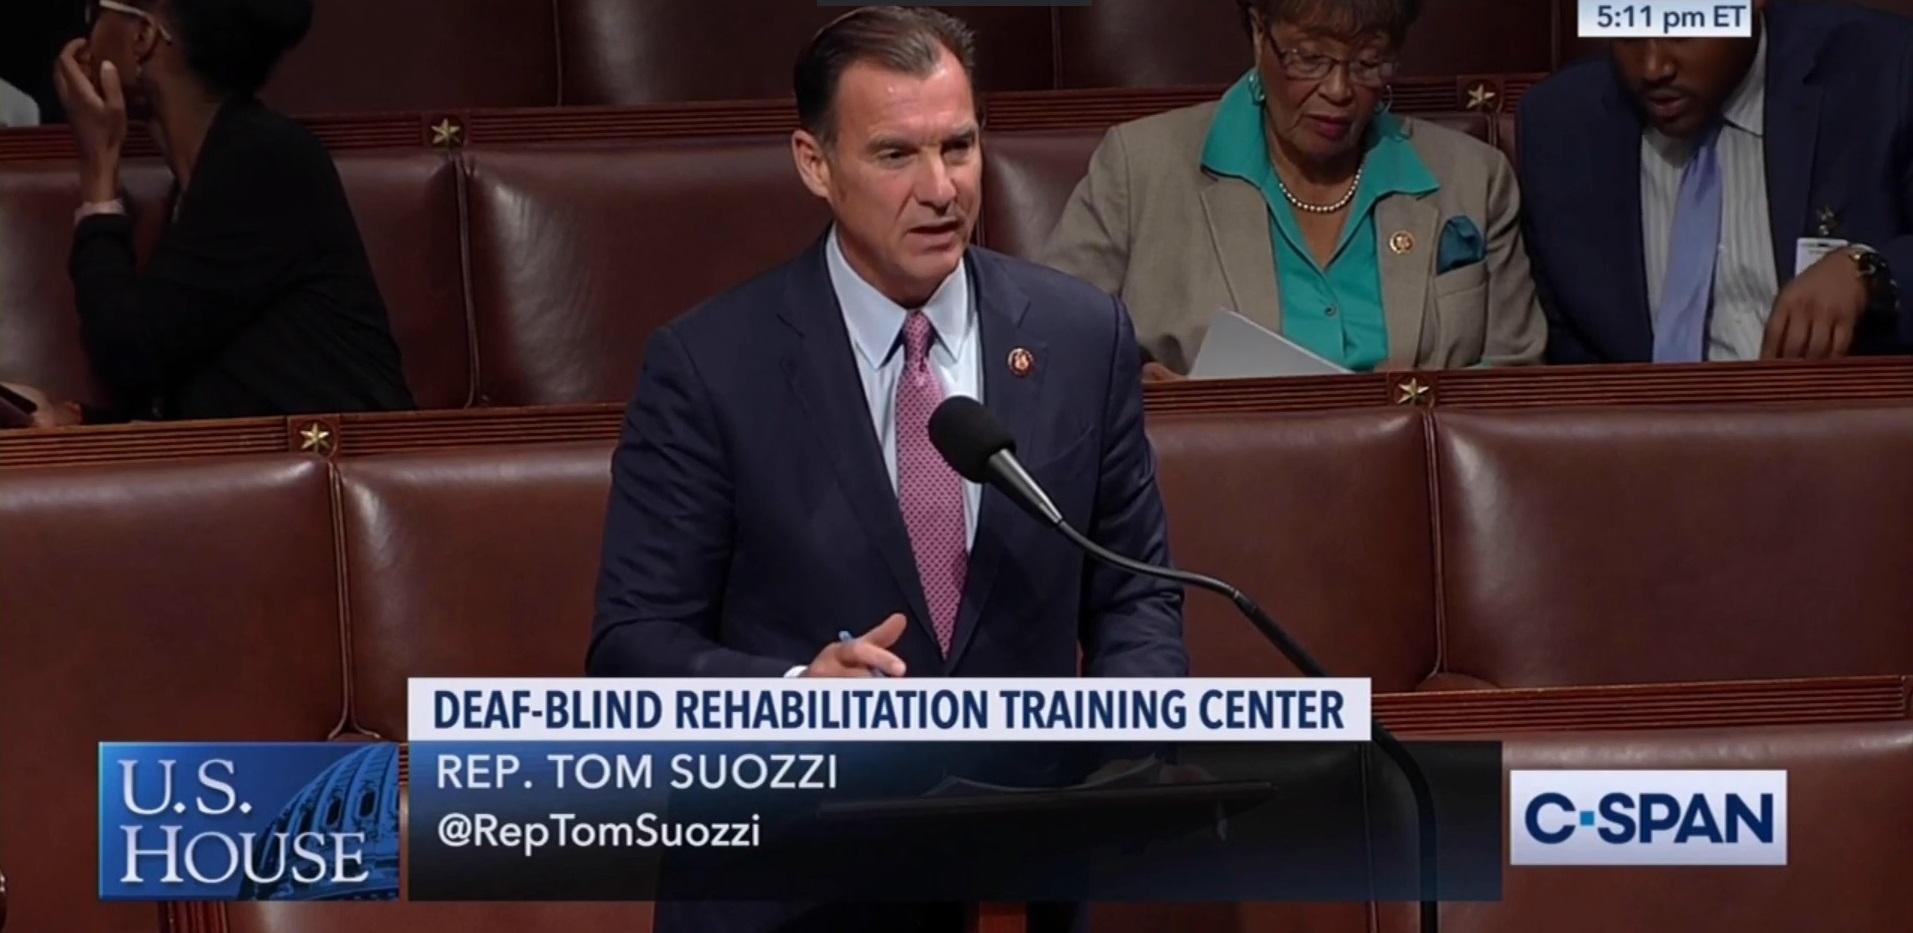 Picture of Rep. Tom Suozzi